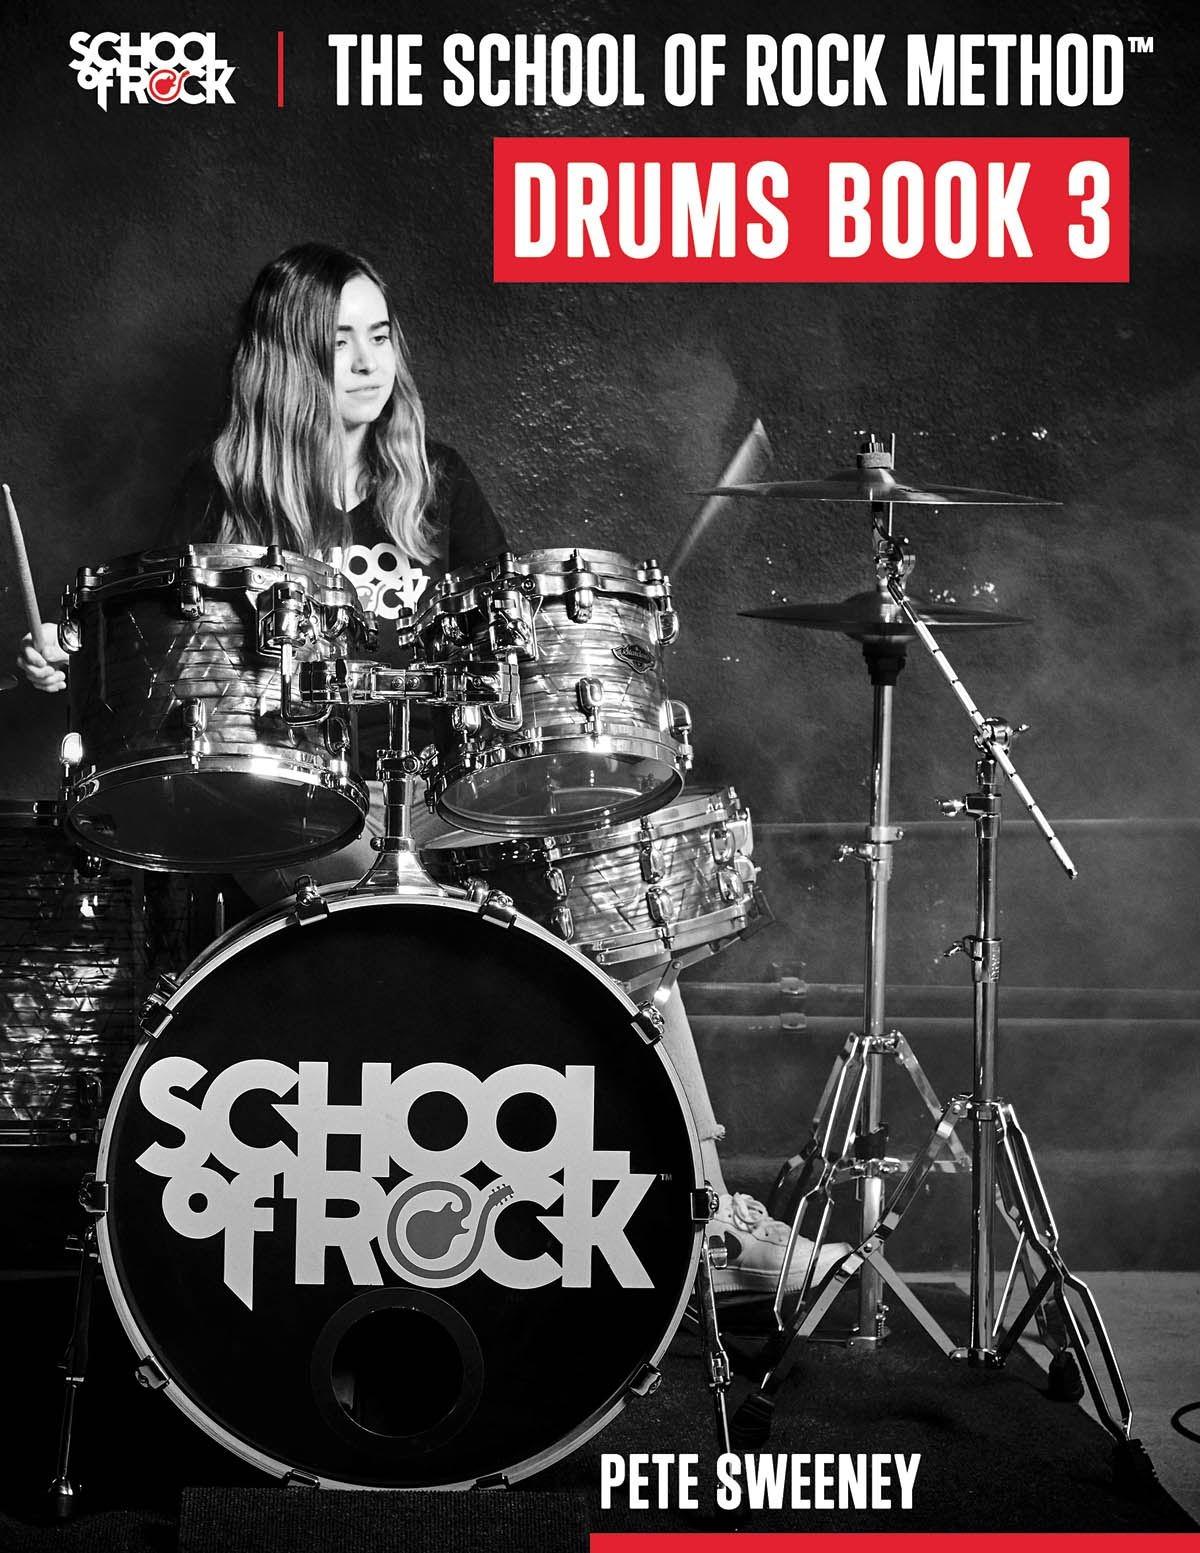 Pete Sweeney: The School of Rock Method - Drums Book 3: Drums: Instrumental